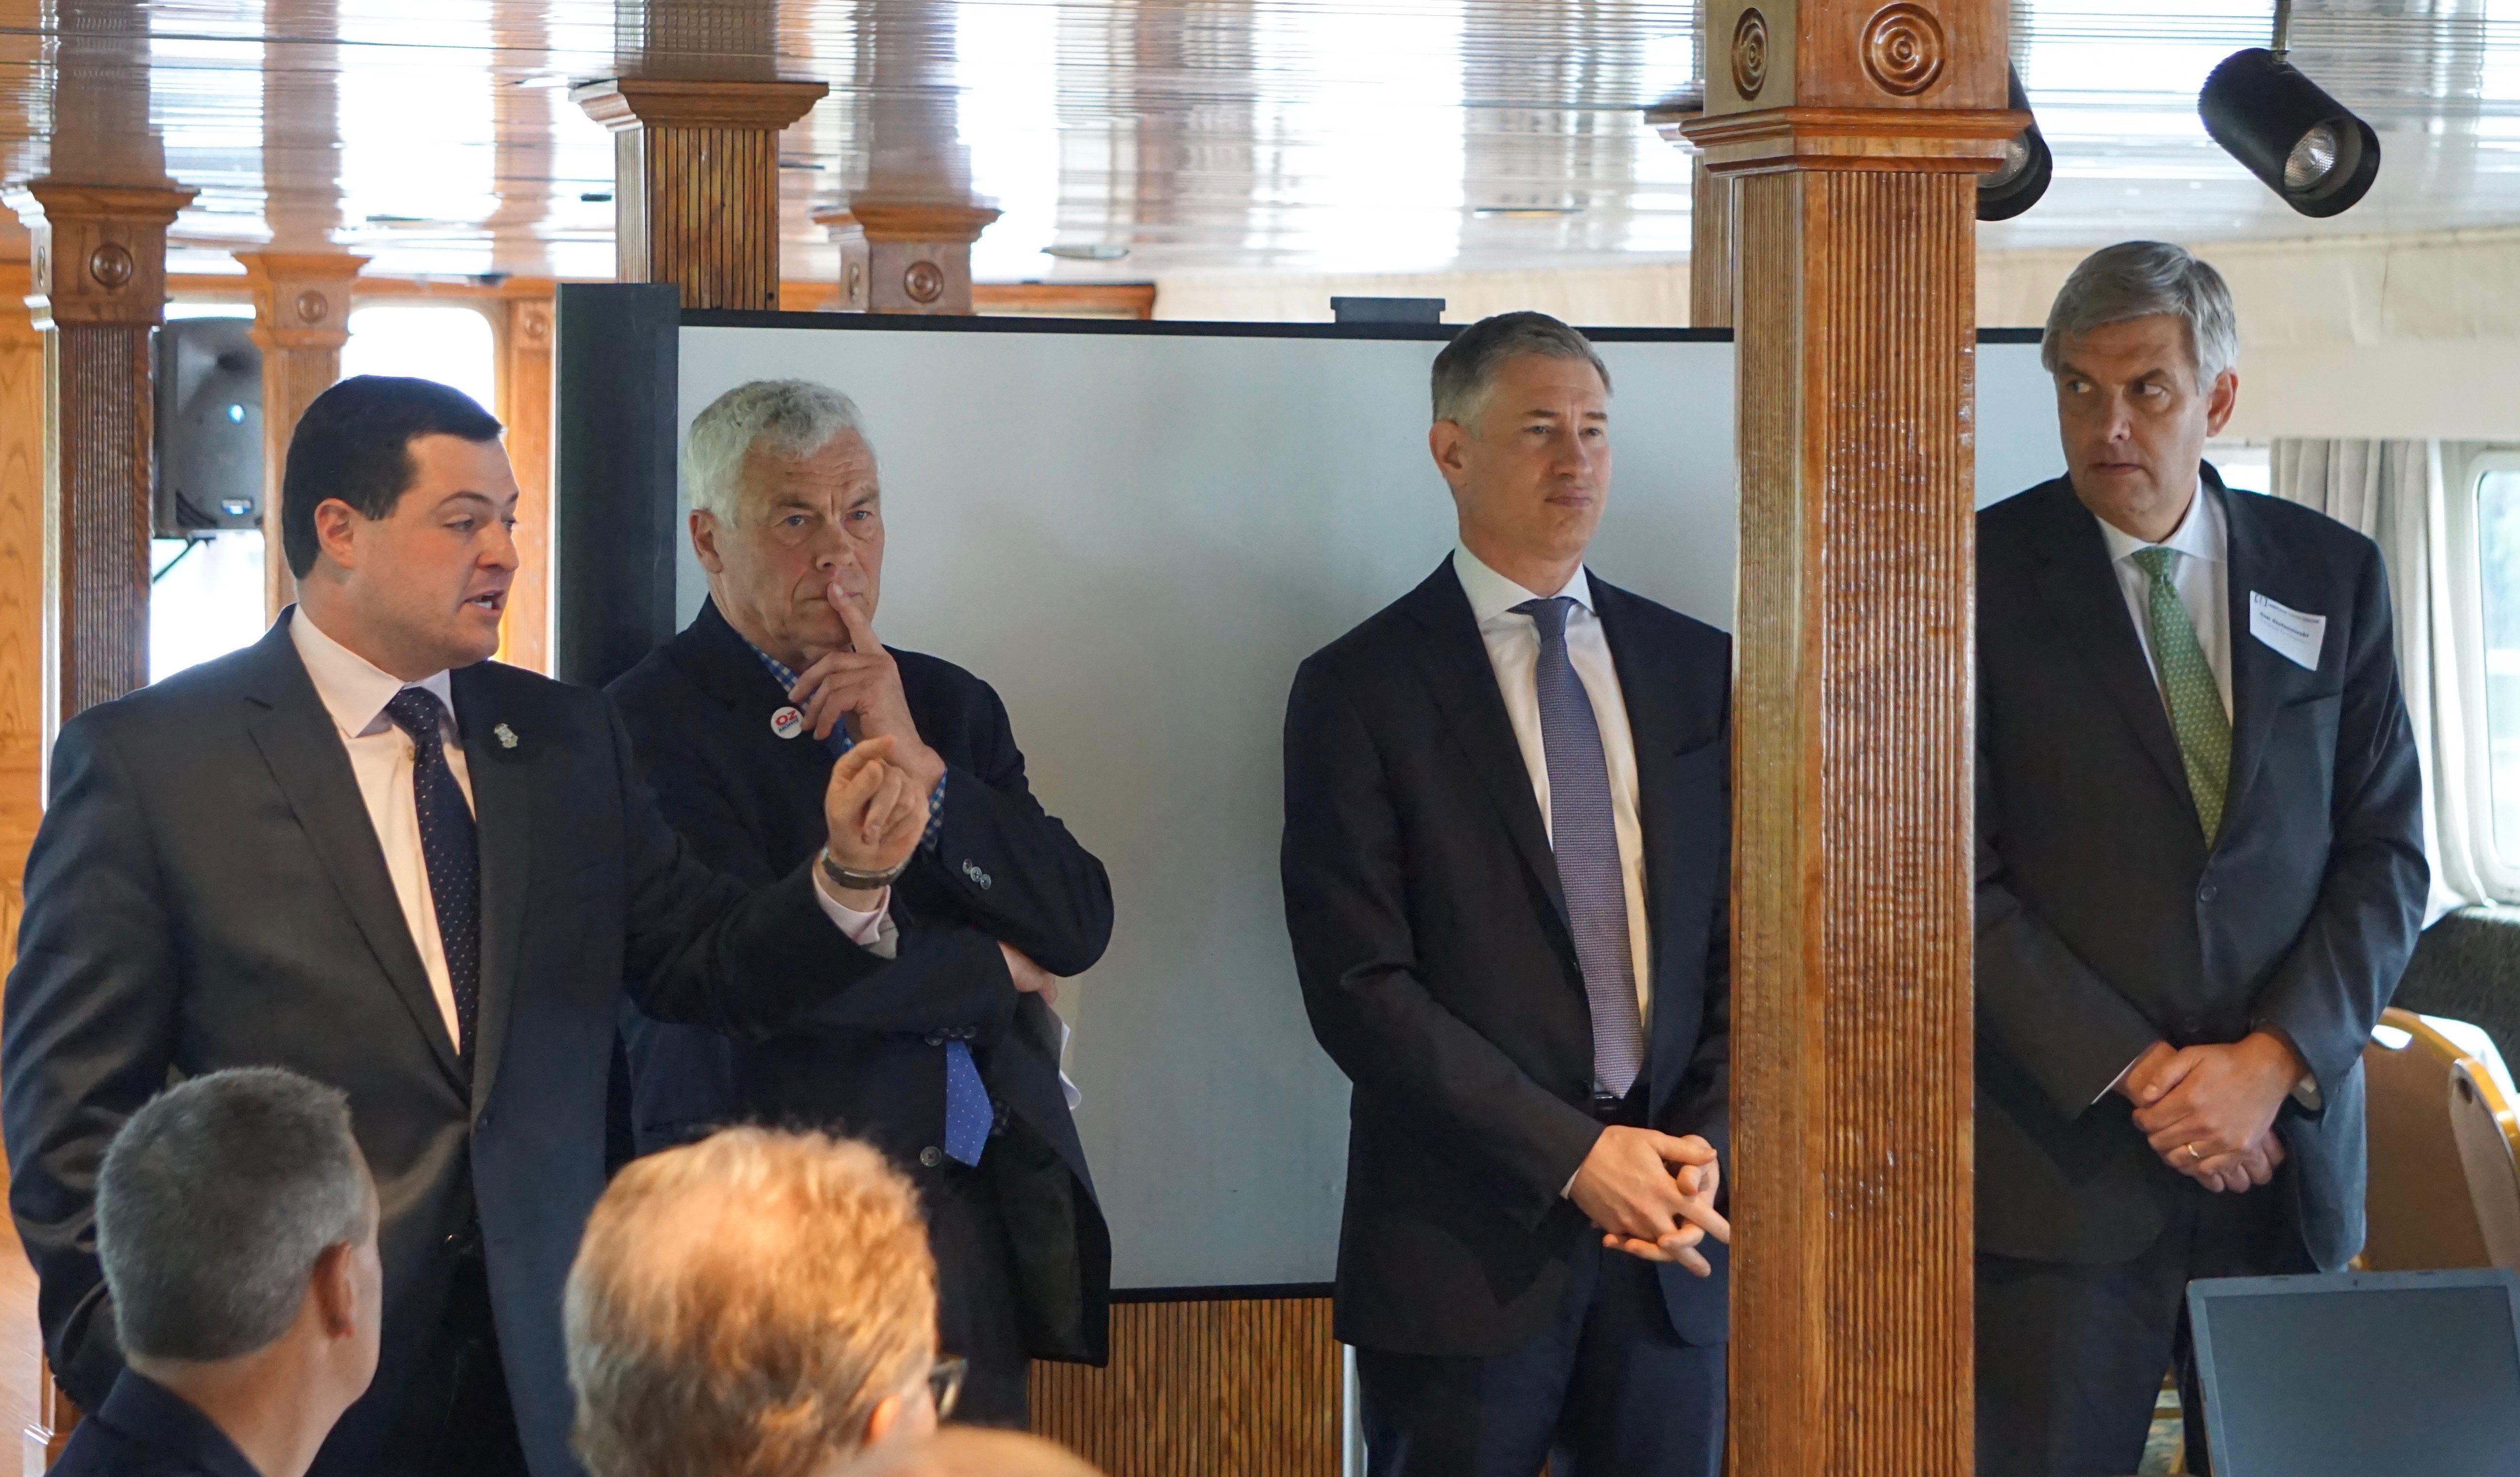 Political deja vu: Candidates pledge to market CT tourism